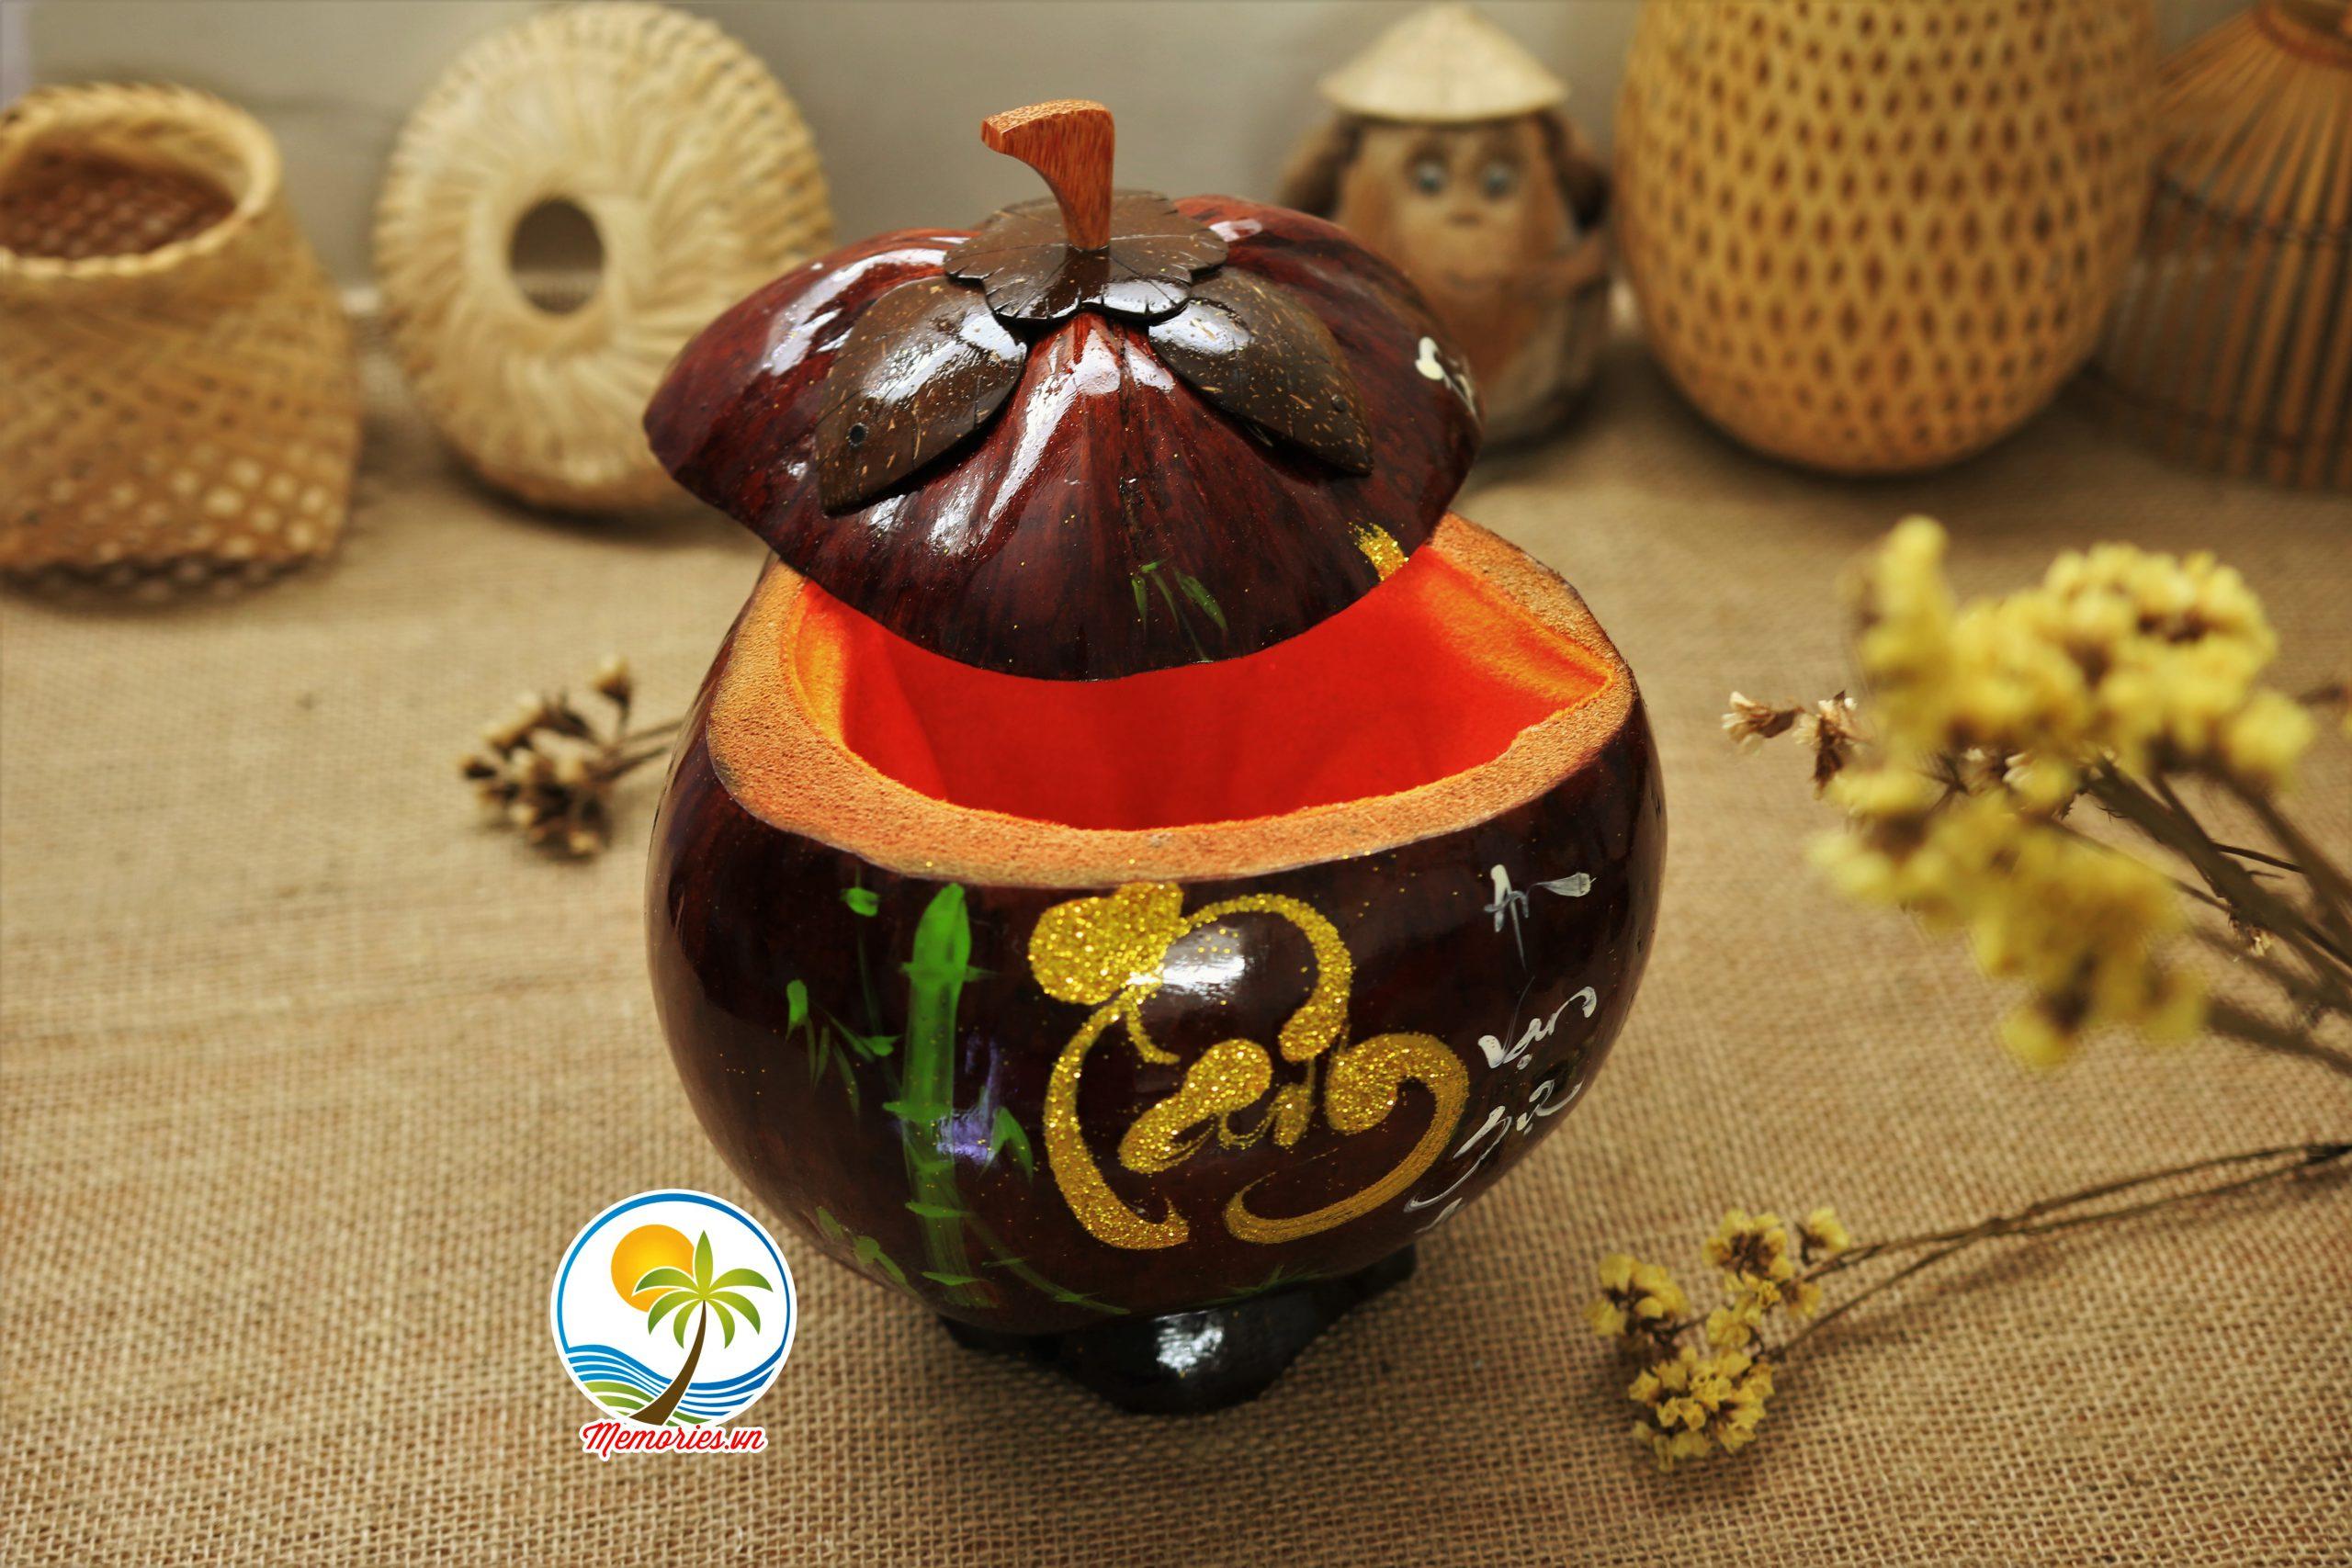 Vỏ giữ ấm bình trà bằng gỗ dừa – Nét độc đáo của nghề làm thủ công mỹ nghệ Bến Tre